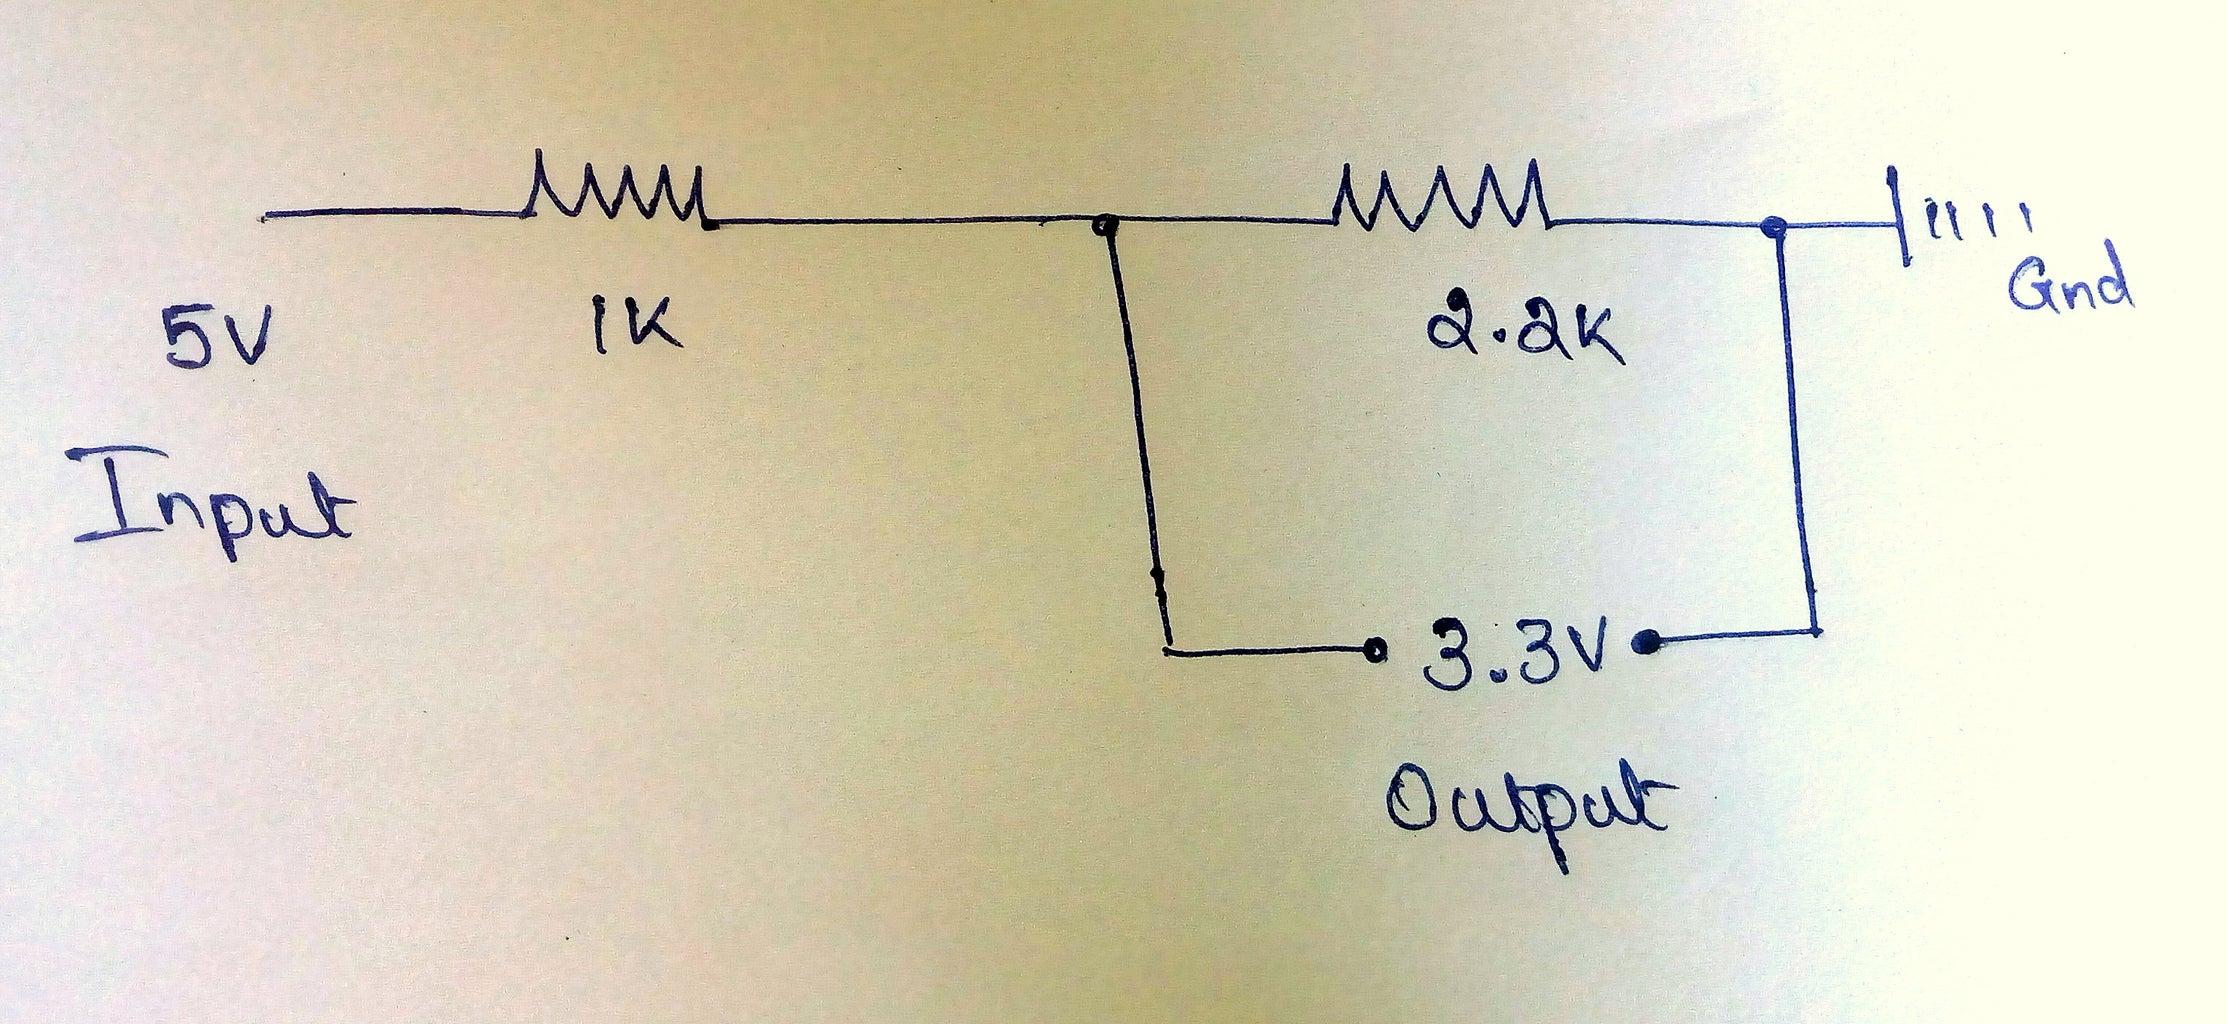 5v to 3.3v Converter